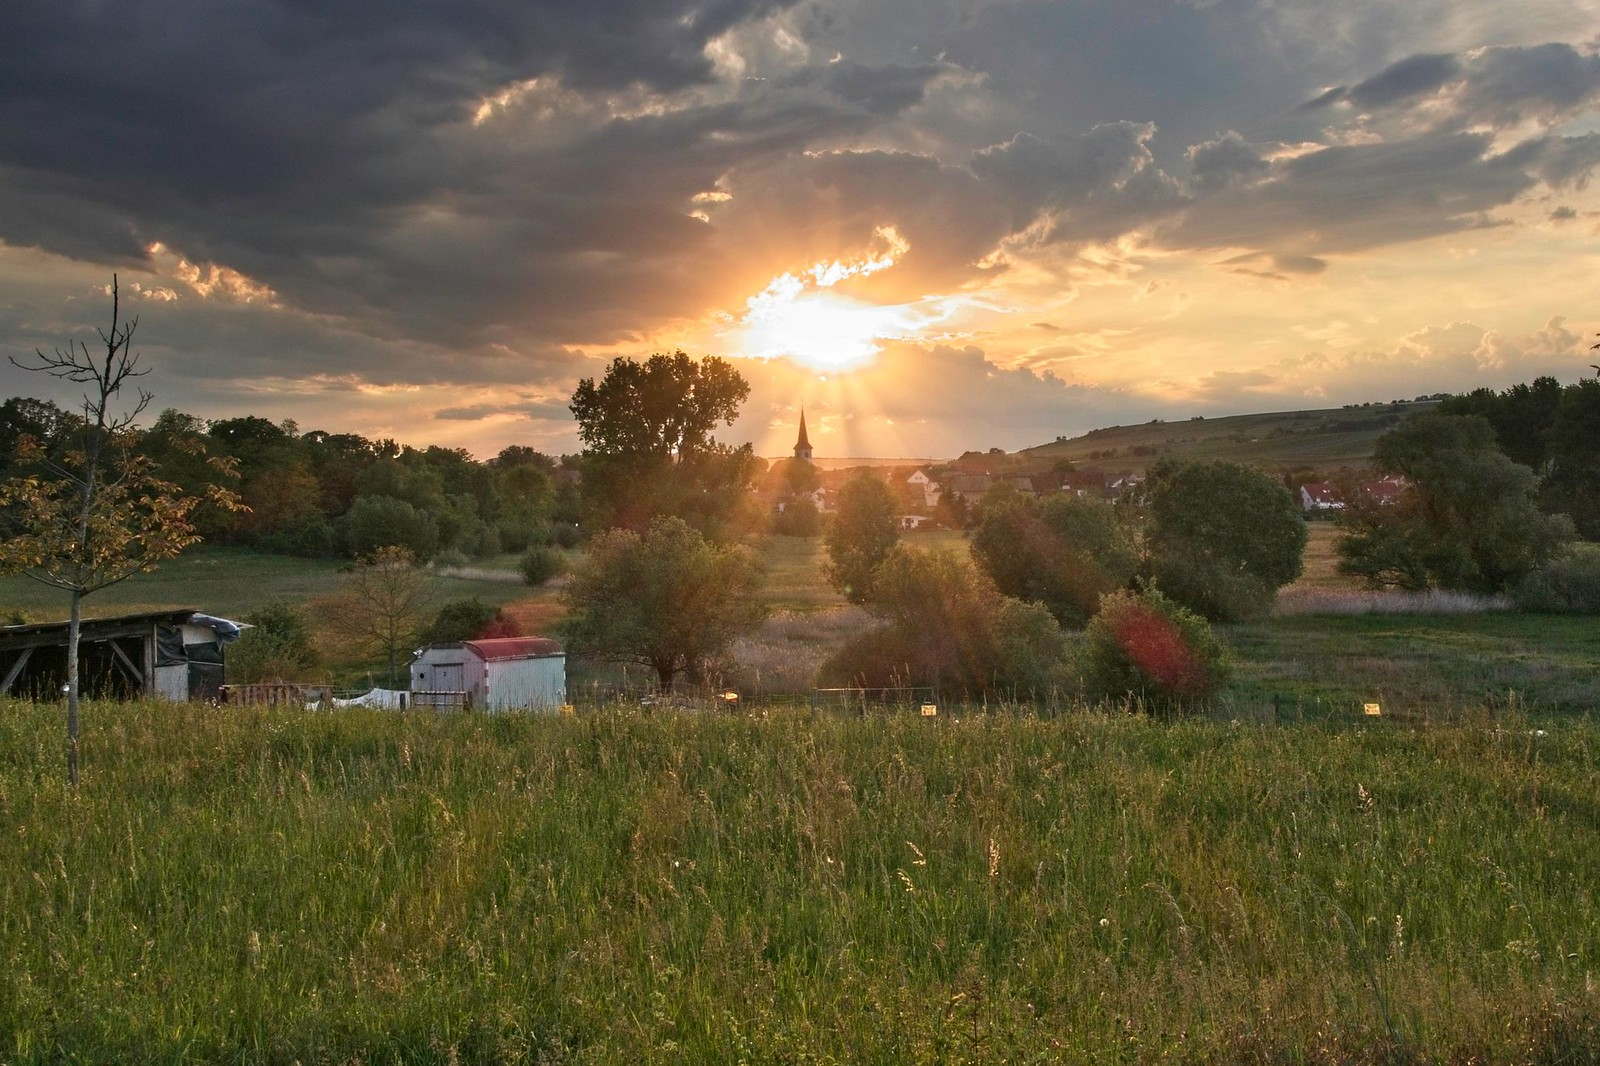 Abendsonne über Stadecken - Hiwweltour Stadecker Warte